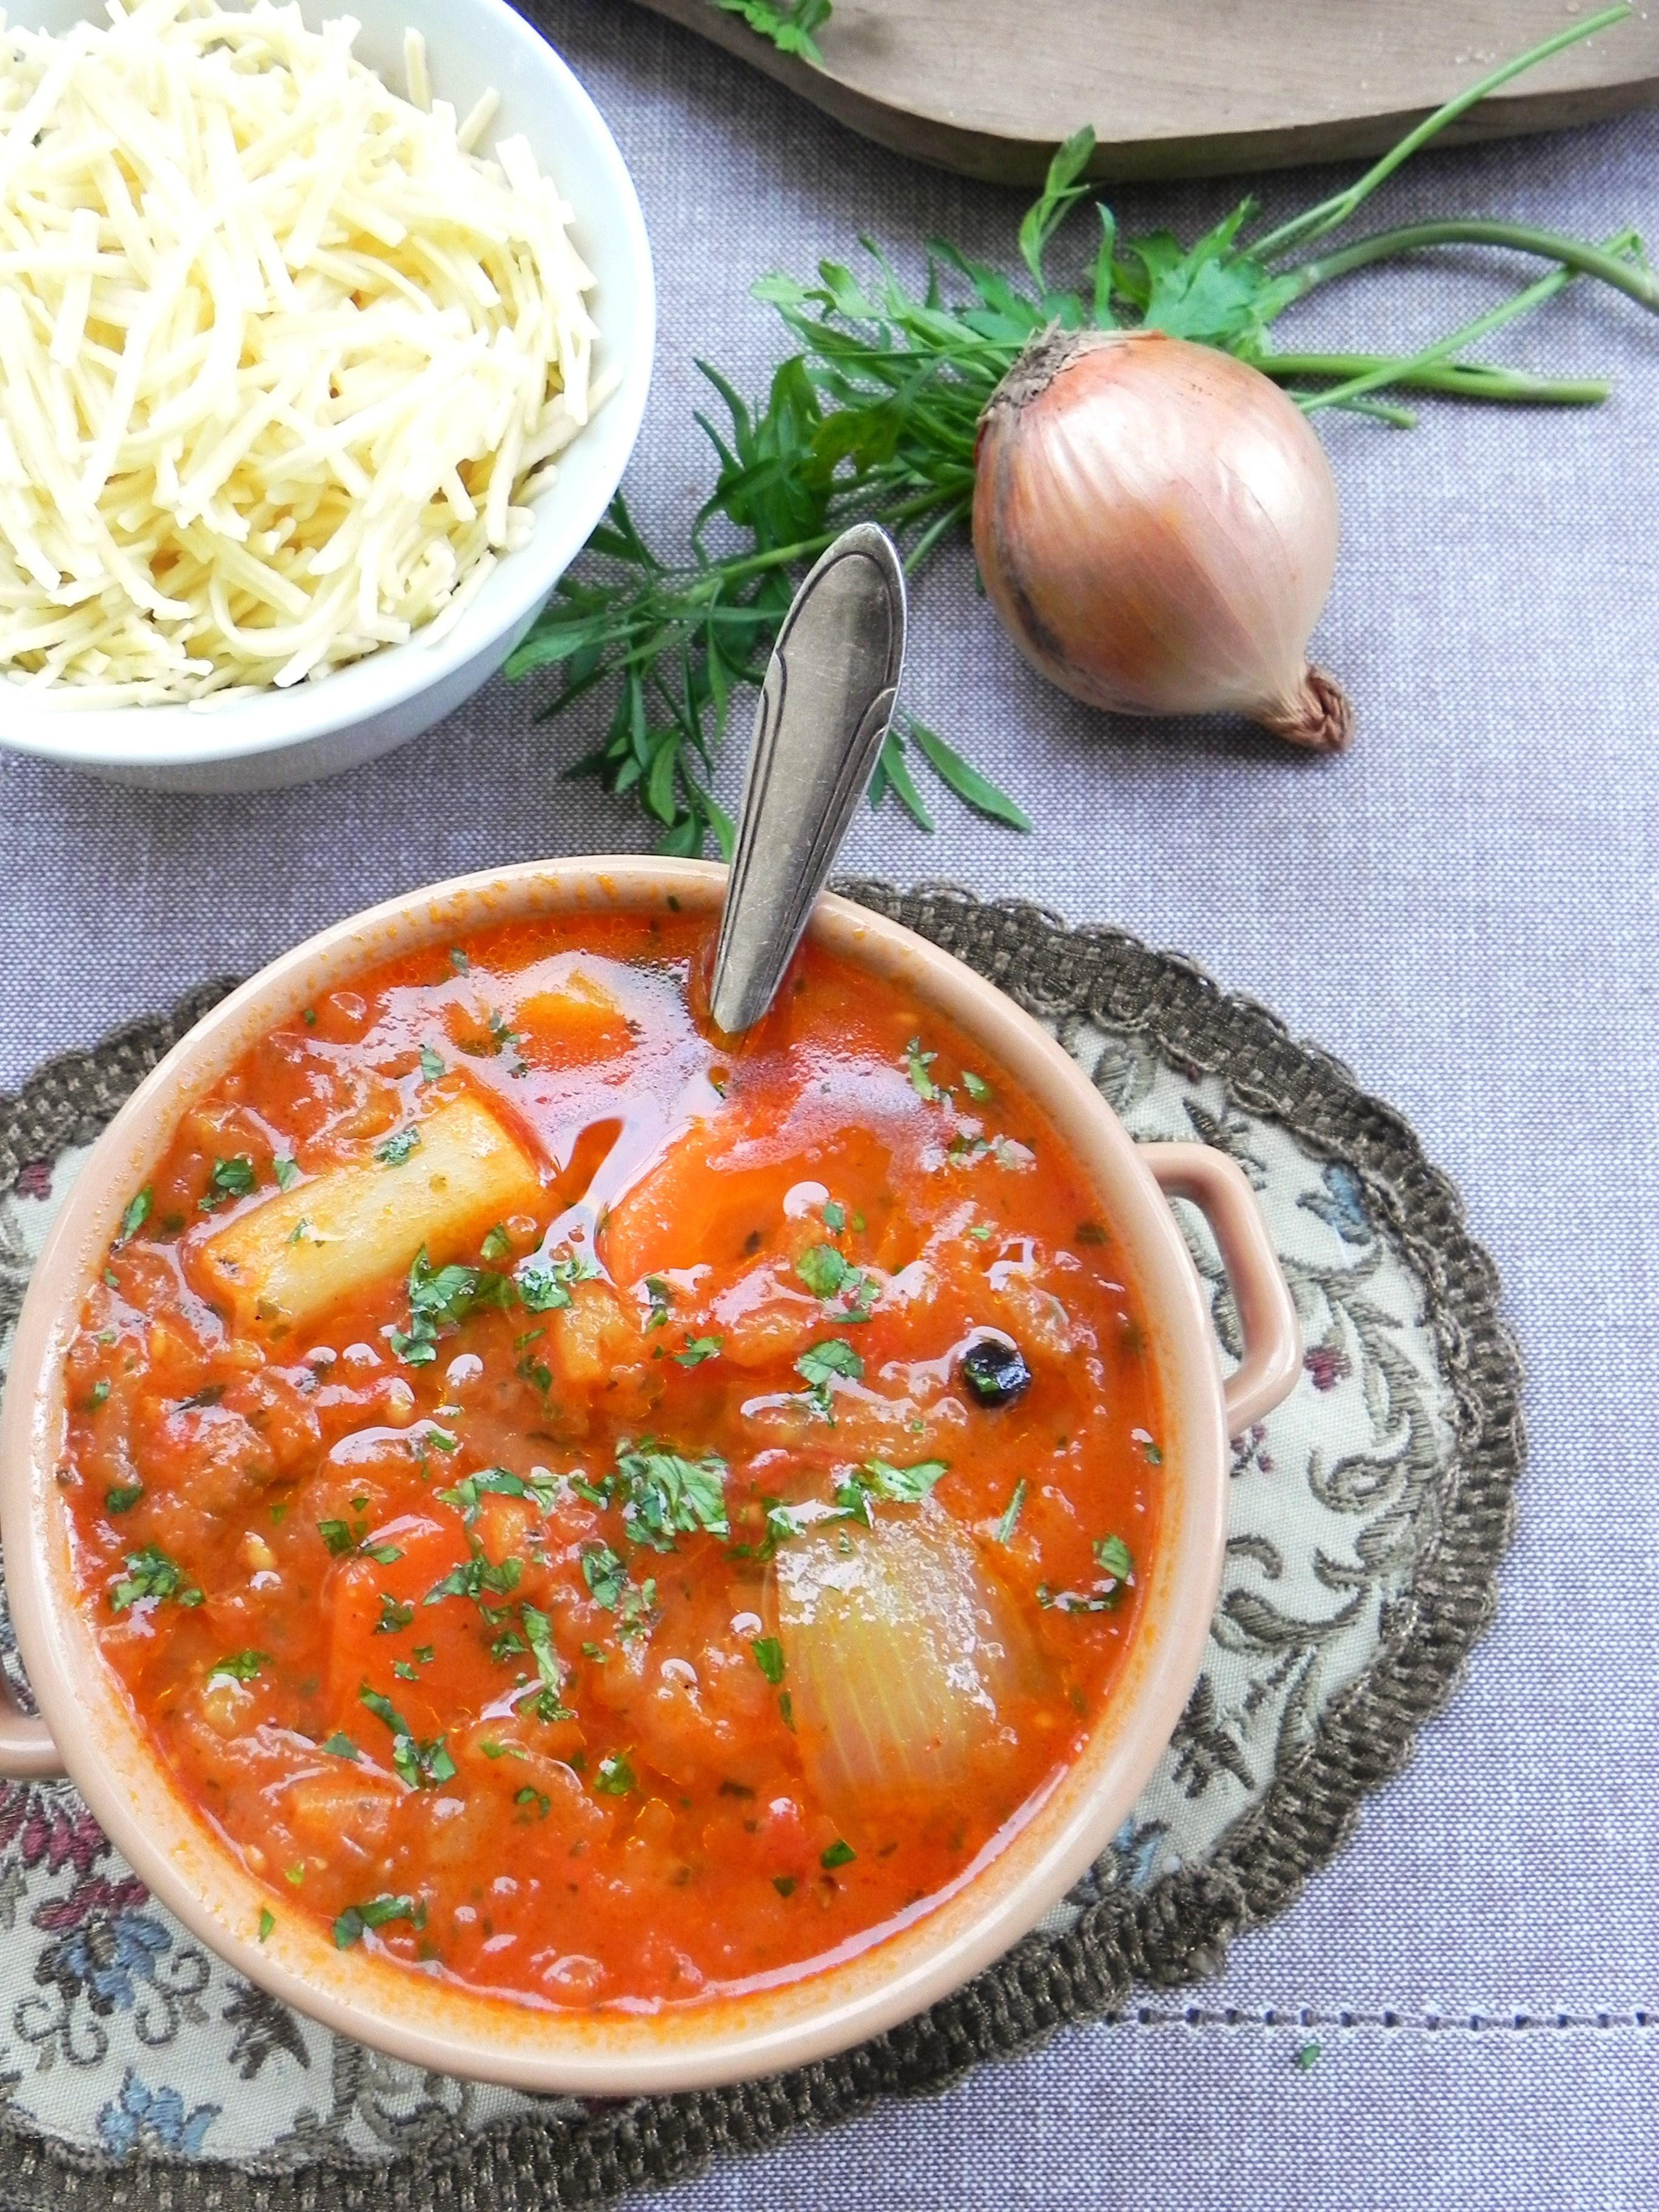 Opowieść O Kulinarnej Tradycji Dolnego śląska